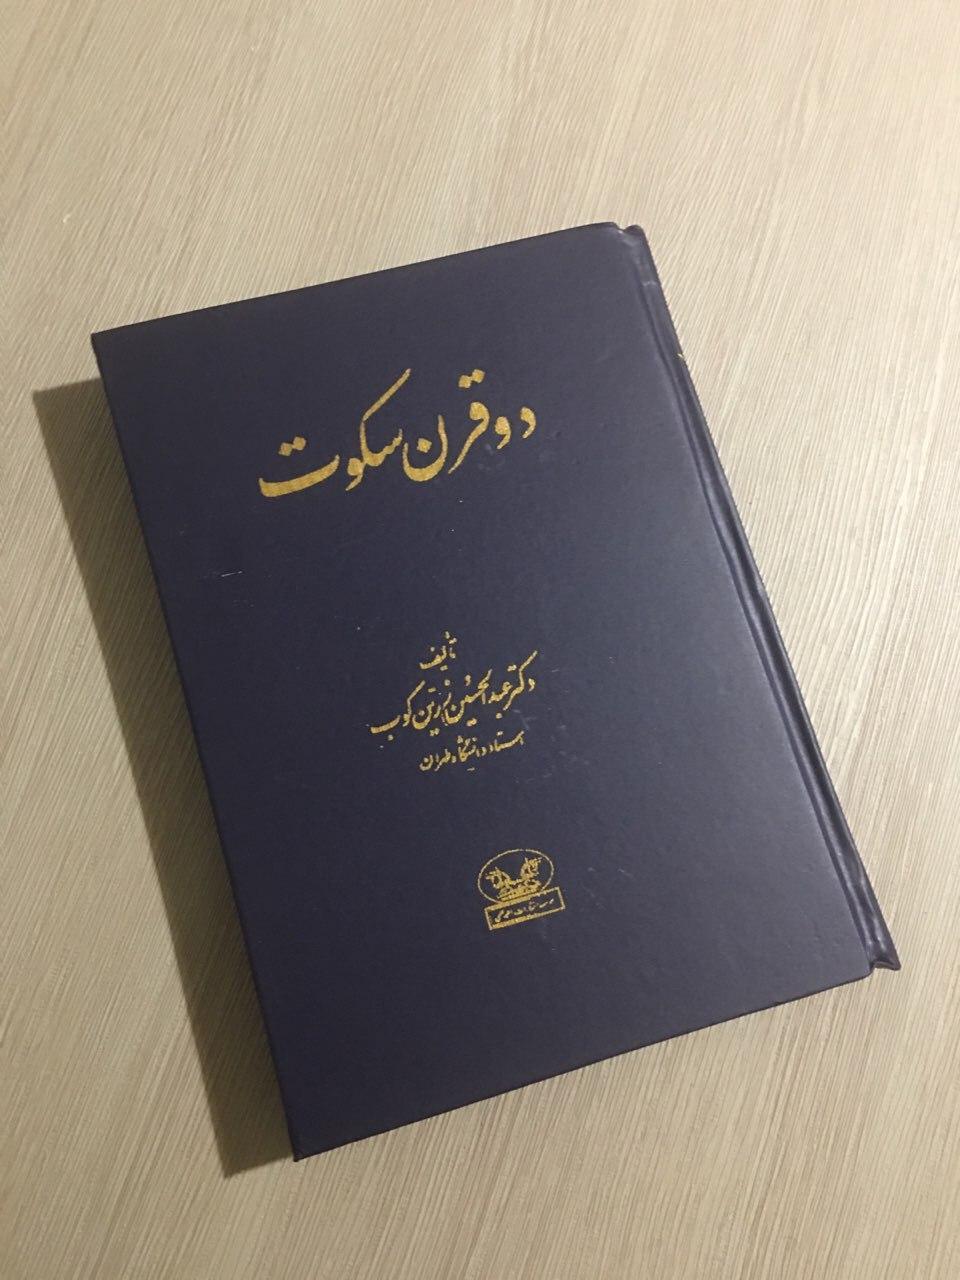 معرفی کتاب دو قرن سکوت نوشته عبدالحسین زرین کوب